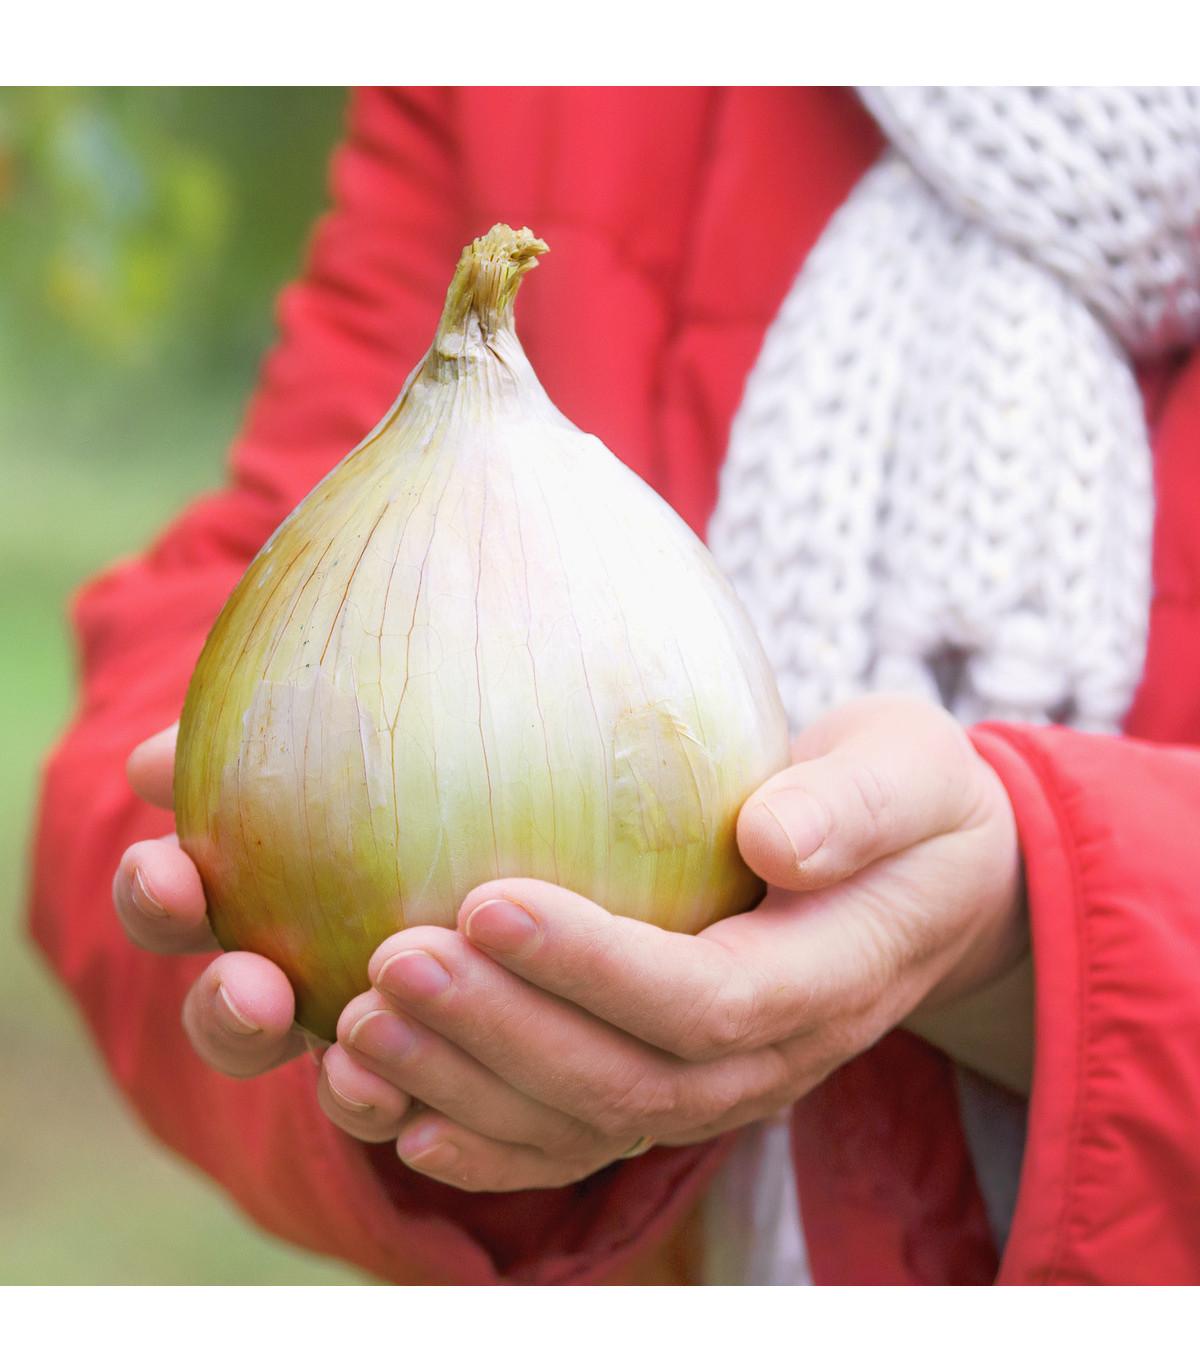 Cibule obrovská Kelsae - největší cibule světa - Allium cepa - semena - 100 ks